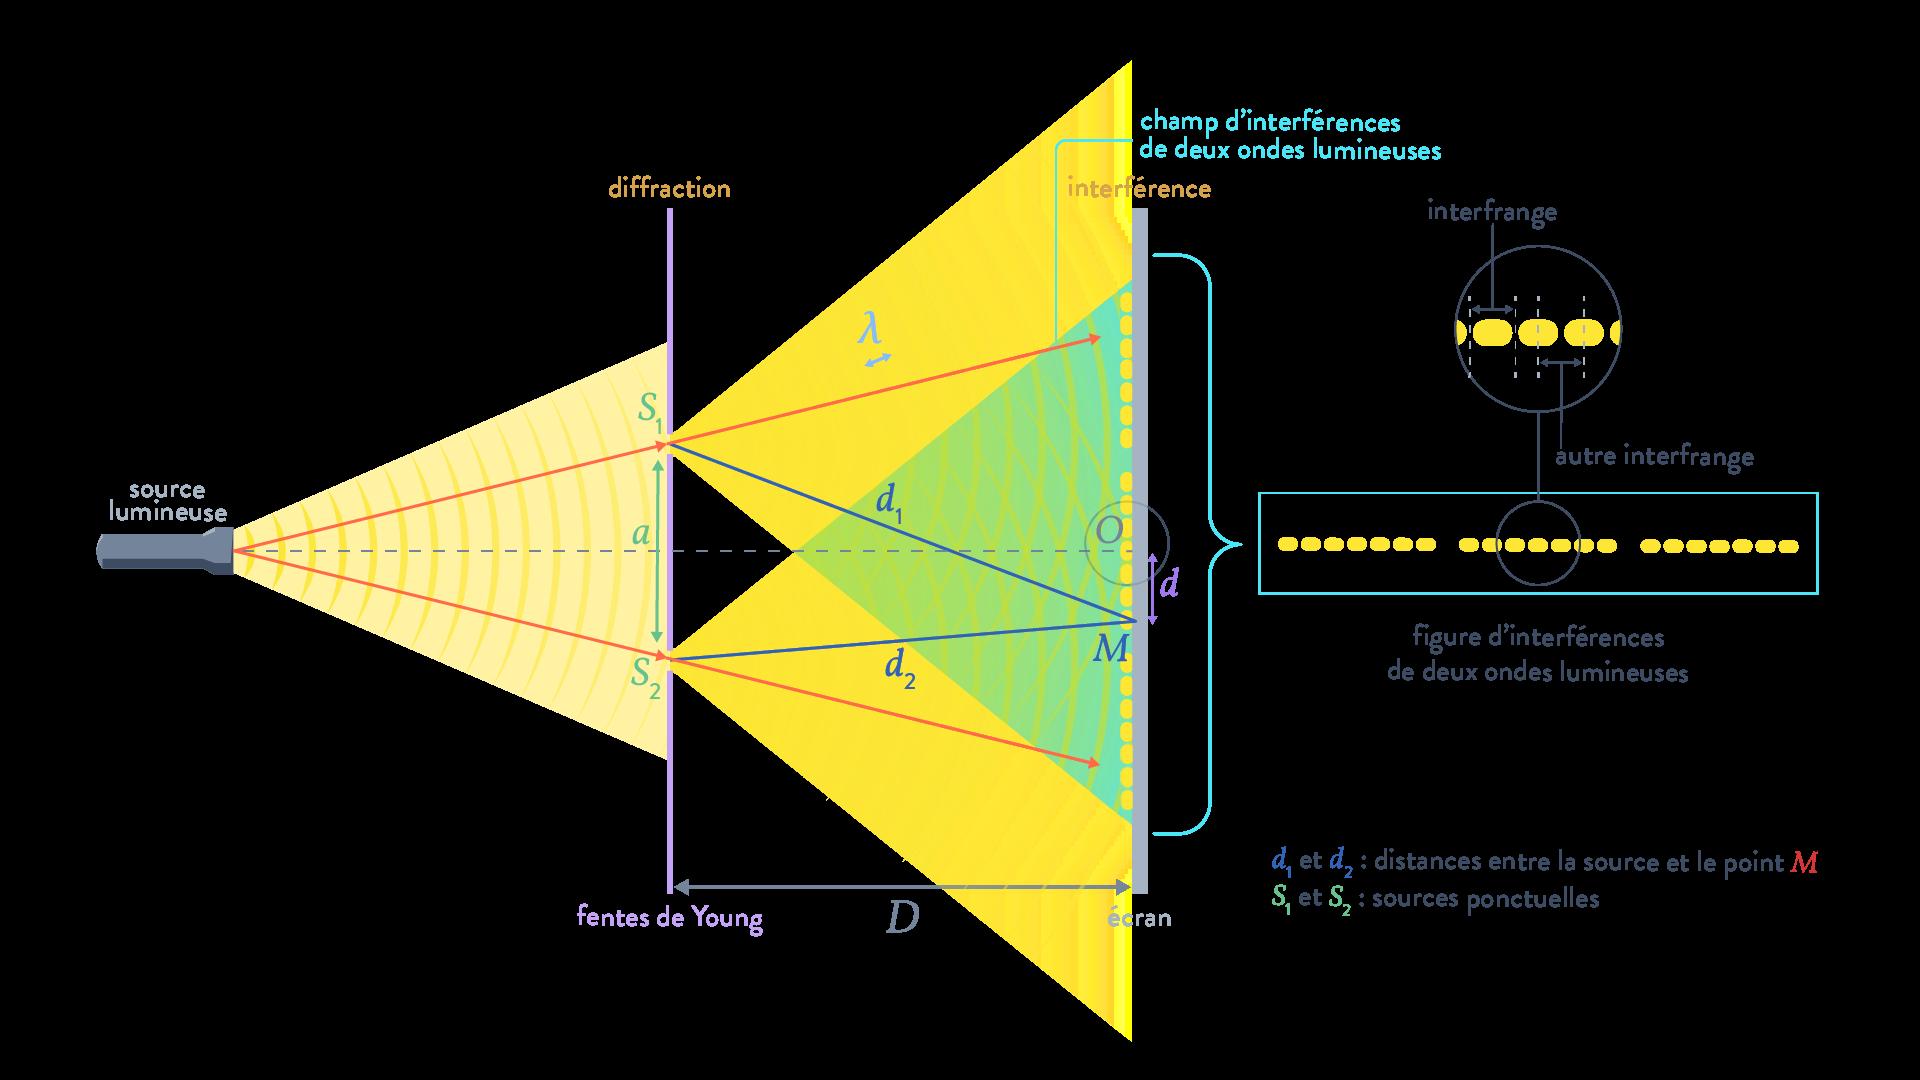 interférences de deux ondes physique chimie terminale ondes lumineuse fentes de Young